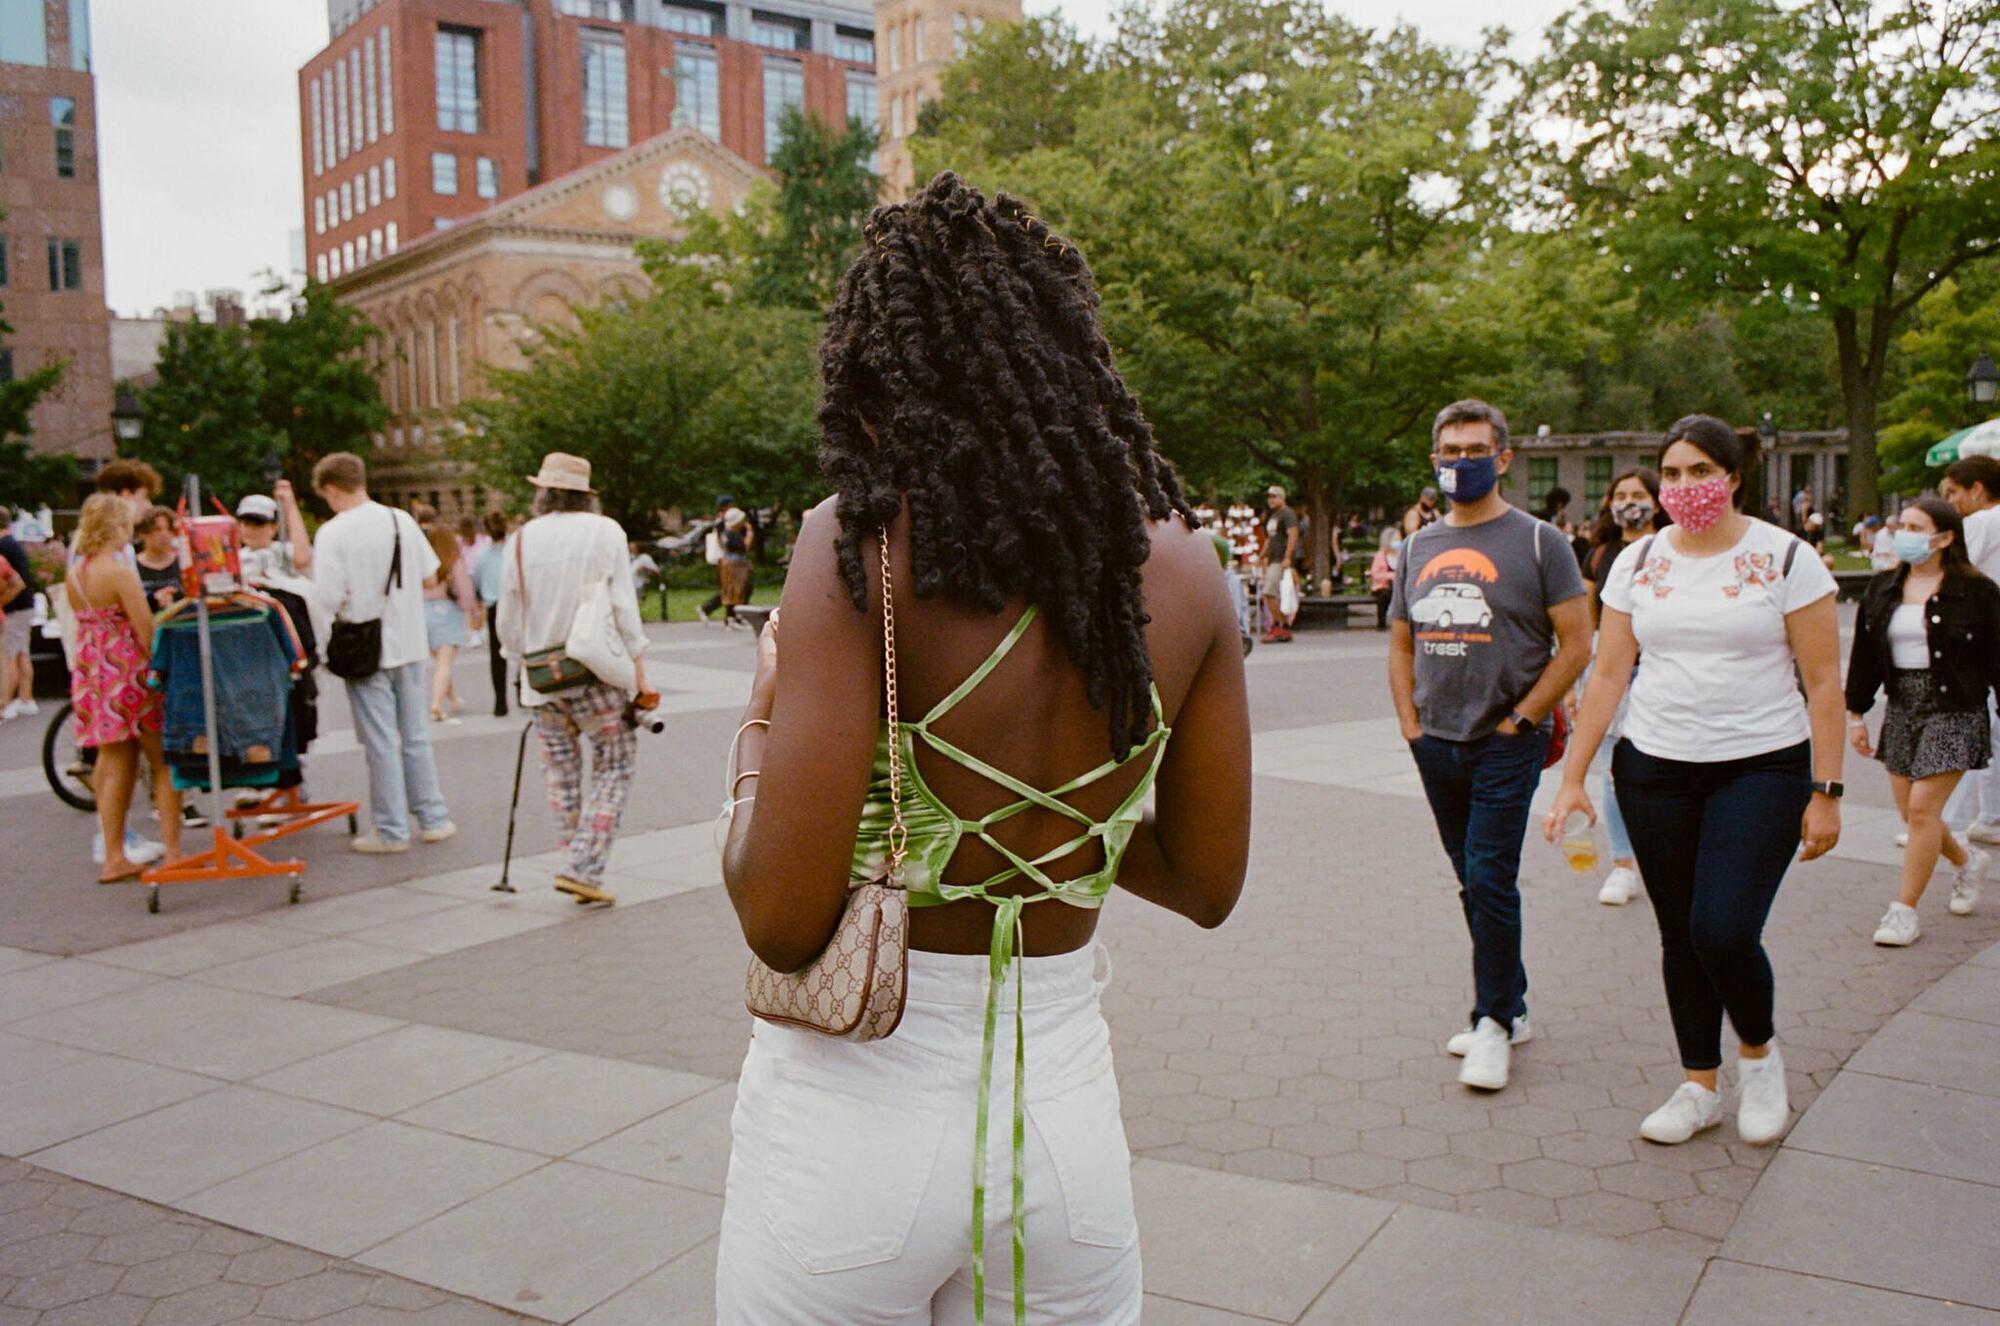 Không khó để bắt gặp những chiếc áo mát mẻ trên đường phố New York sau đợt giãn cách xã hội. Sara Messinger/ New York Times.